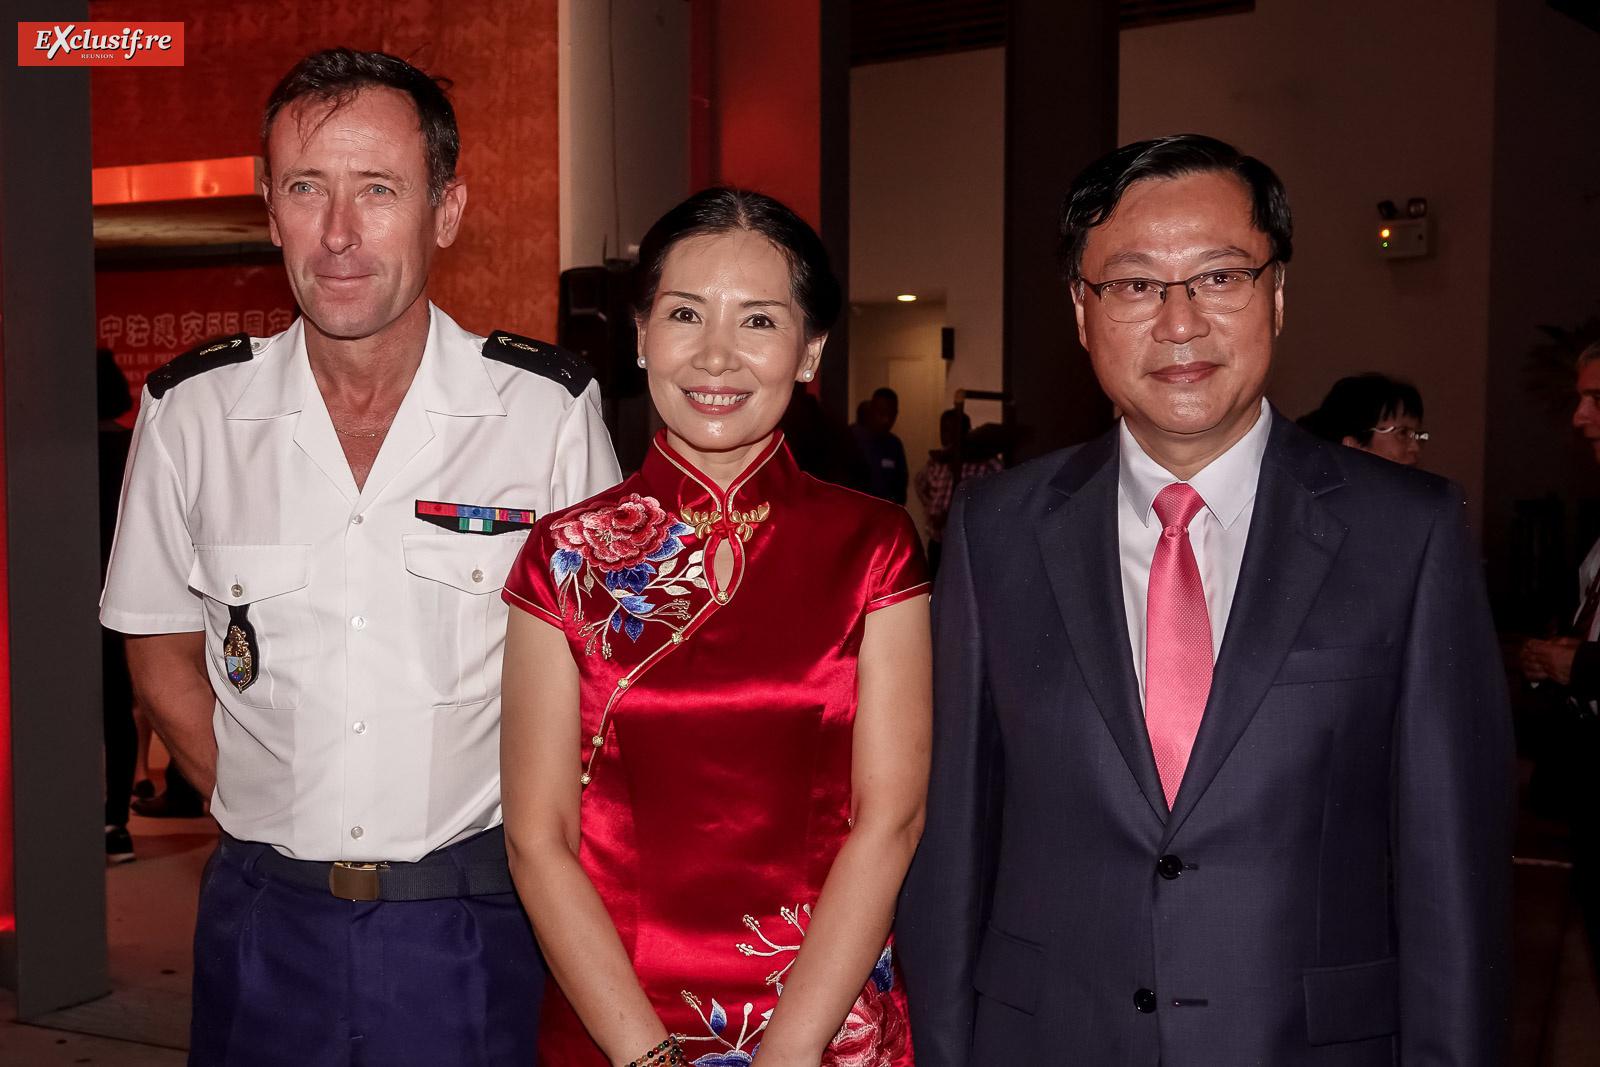 Général Xavier Ducept, commandant de la Gendarmerie à La Réunion, Dong Zhijiao, son époux Chen Zhihong, Consul Général de la République populaire de Chine à La Réunion